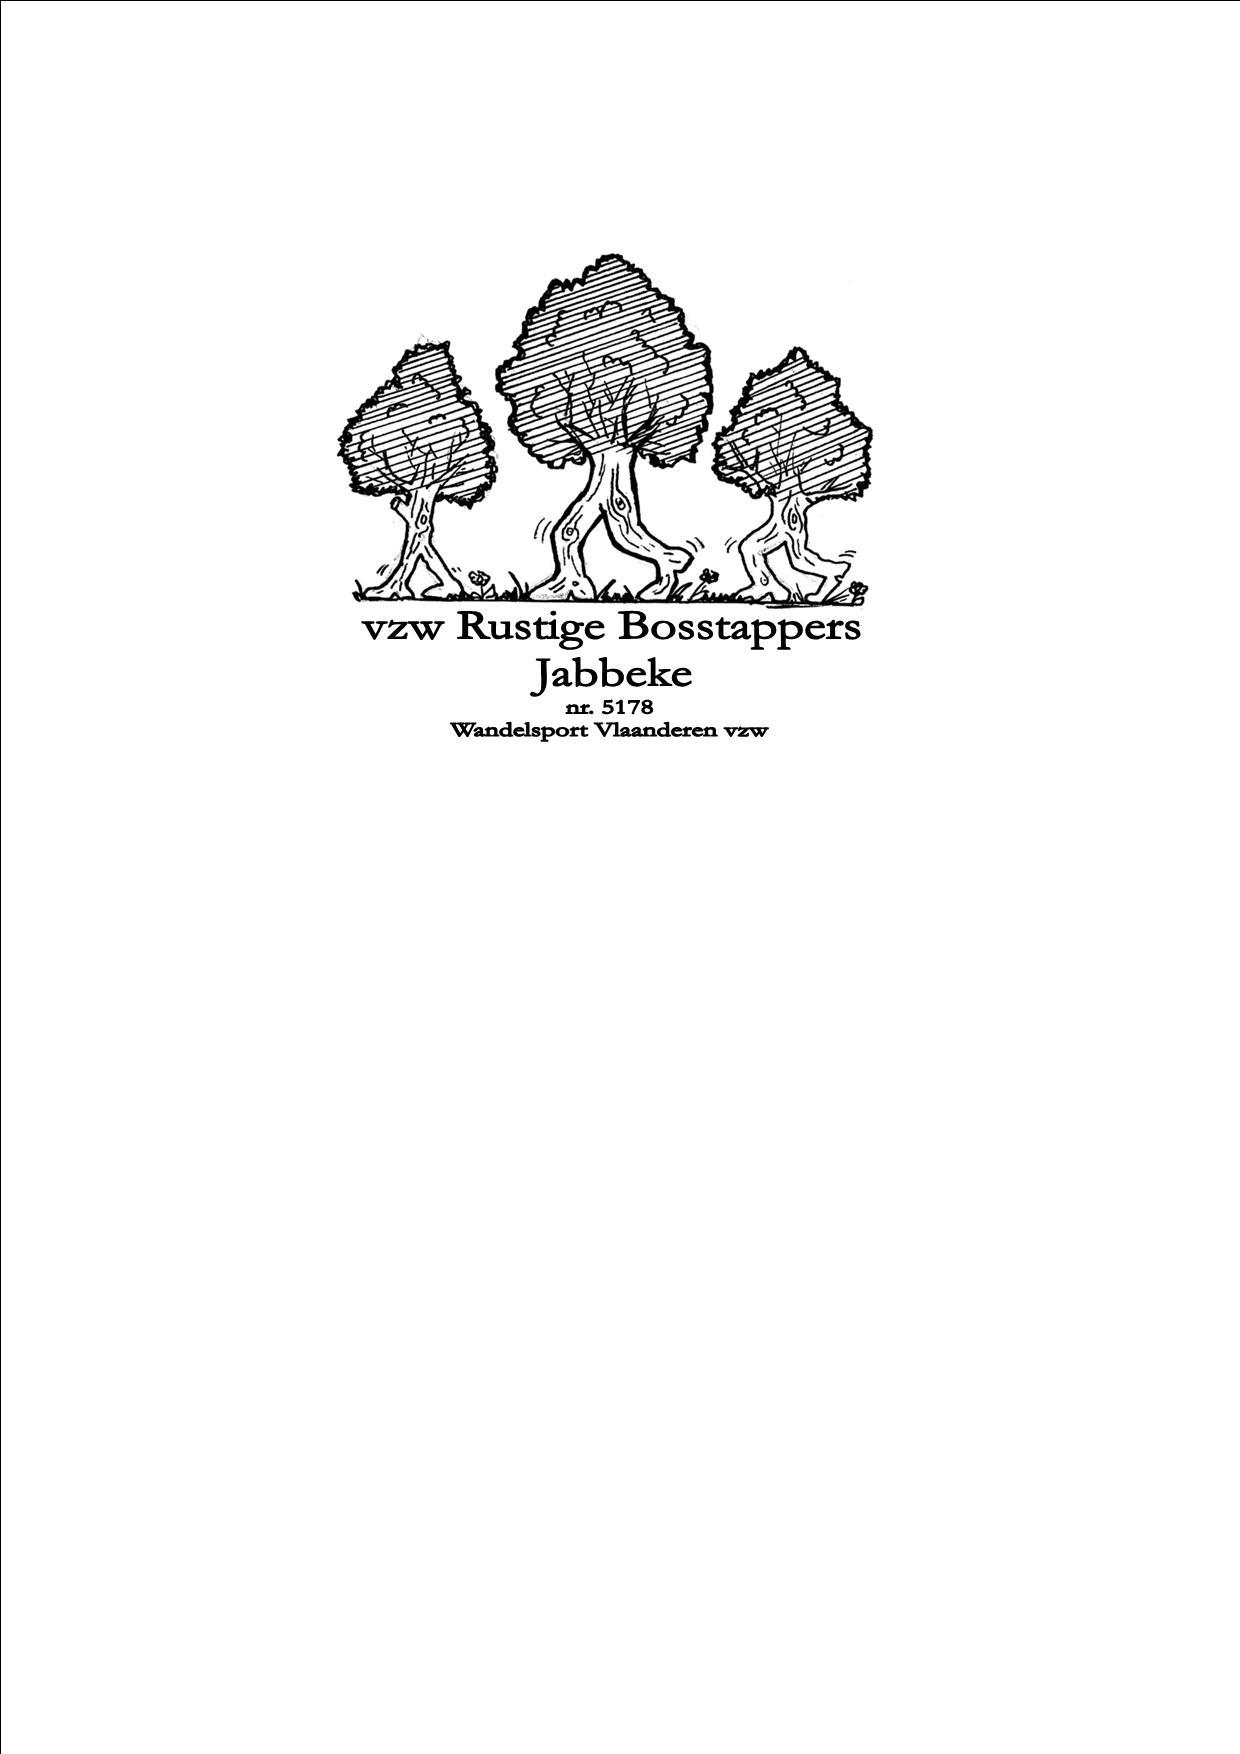 vzw Rustige Bosstappers Jabbeke